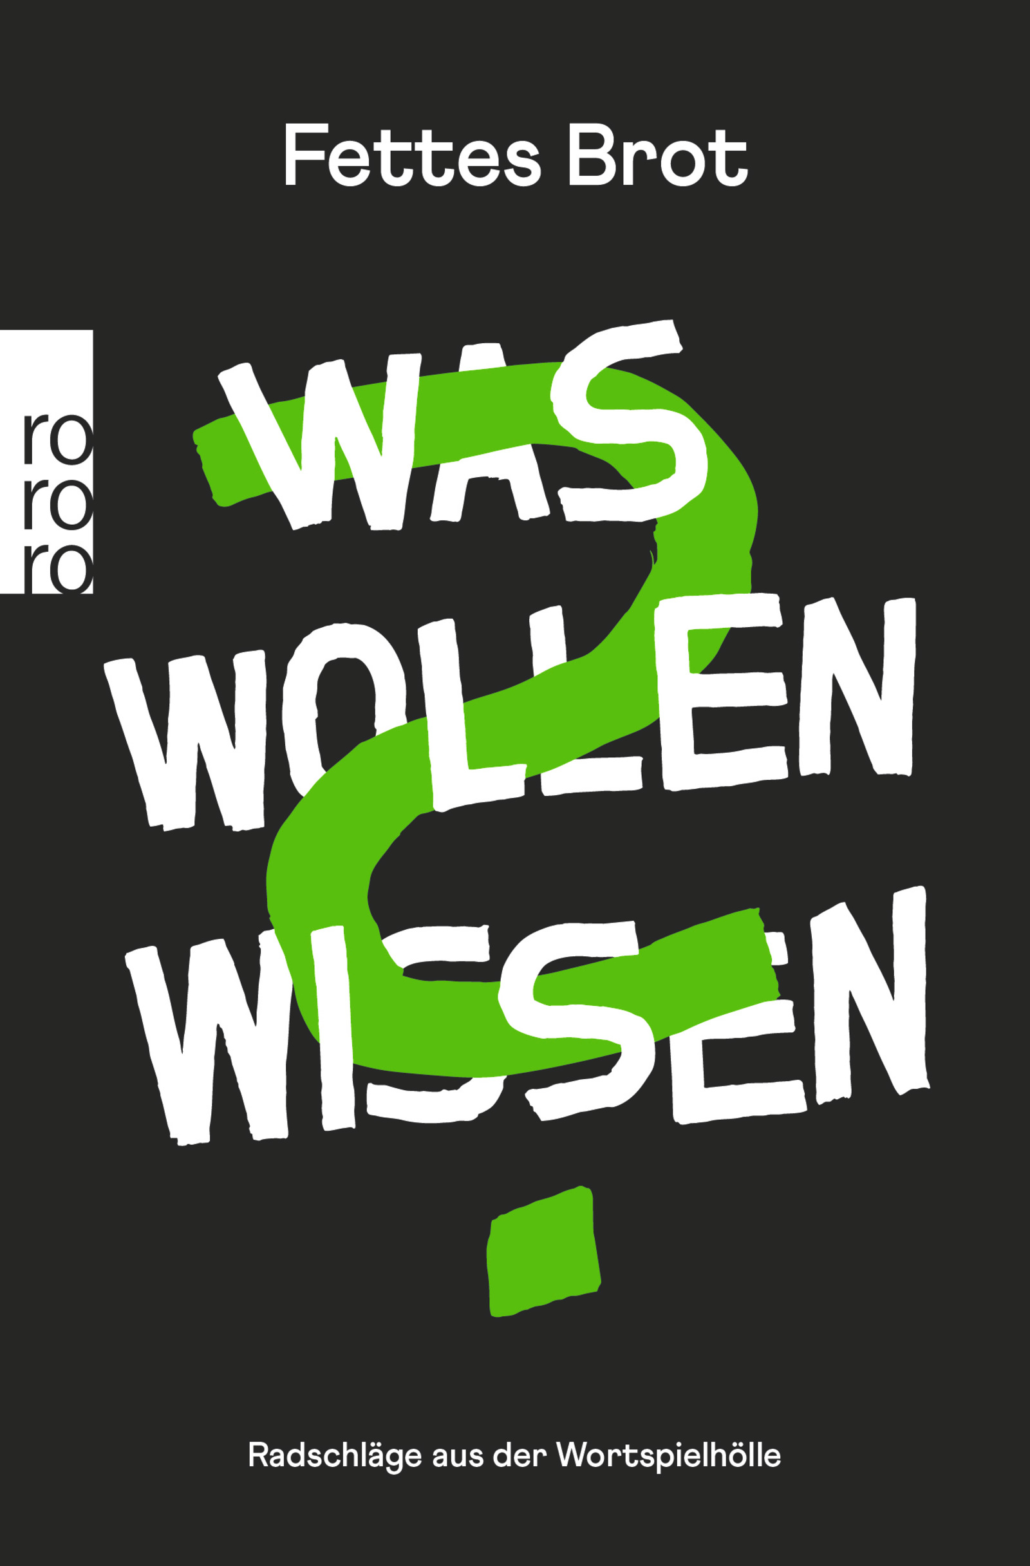 """Fettes Brot und ihre Radio-Sprechstunde: """"Was Wollen Wissen"""""""